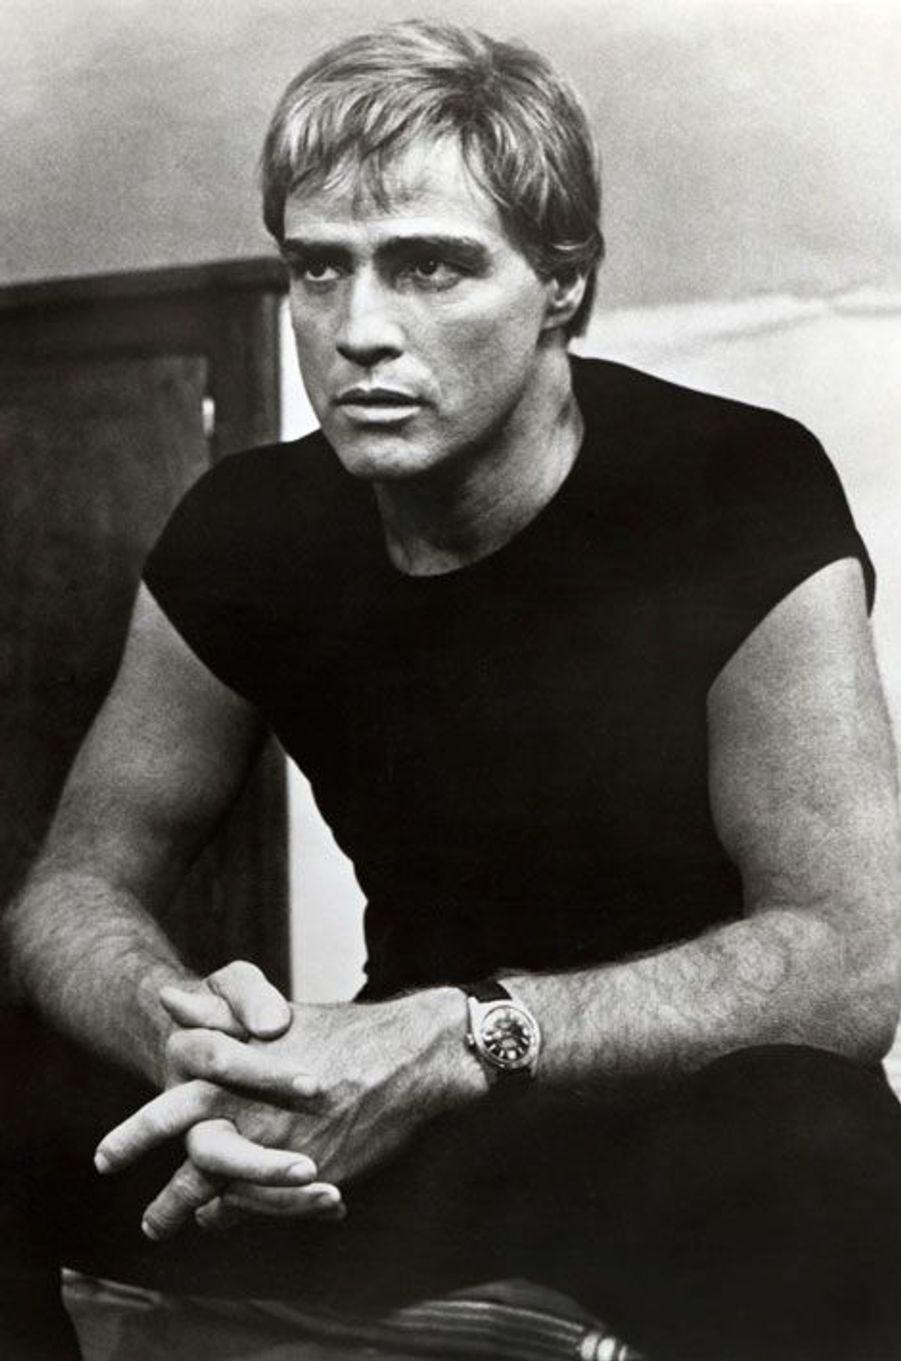 En 1968, Marlon Brando tourne sous la direction de Hubert Cornfield «La nuit du lendemain».